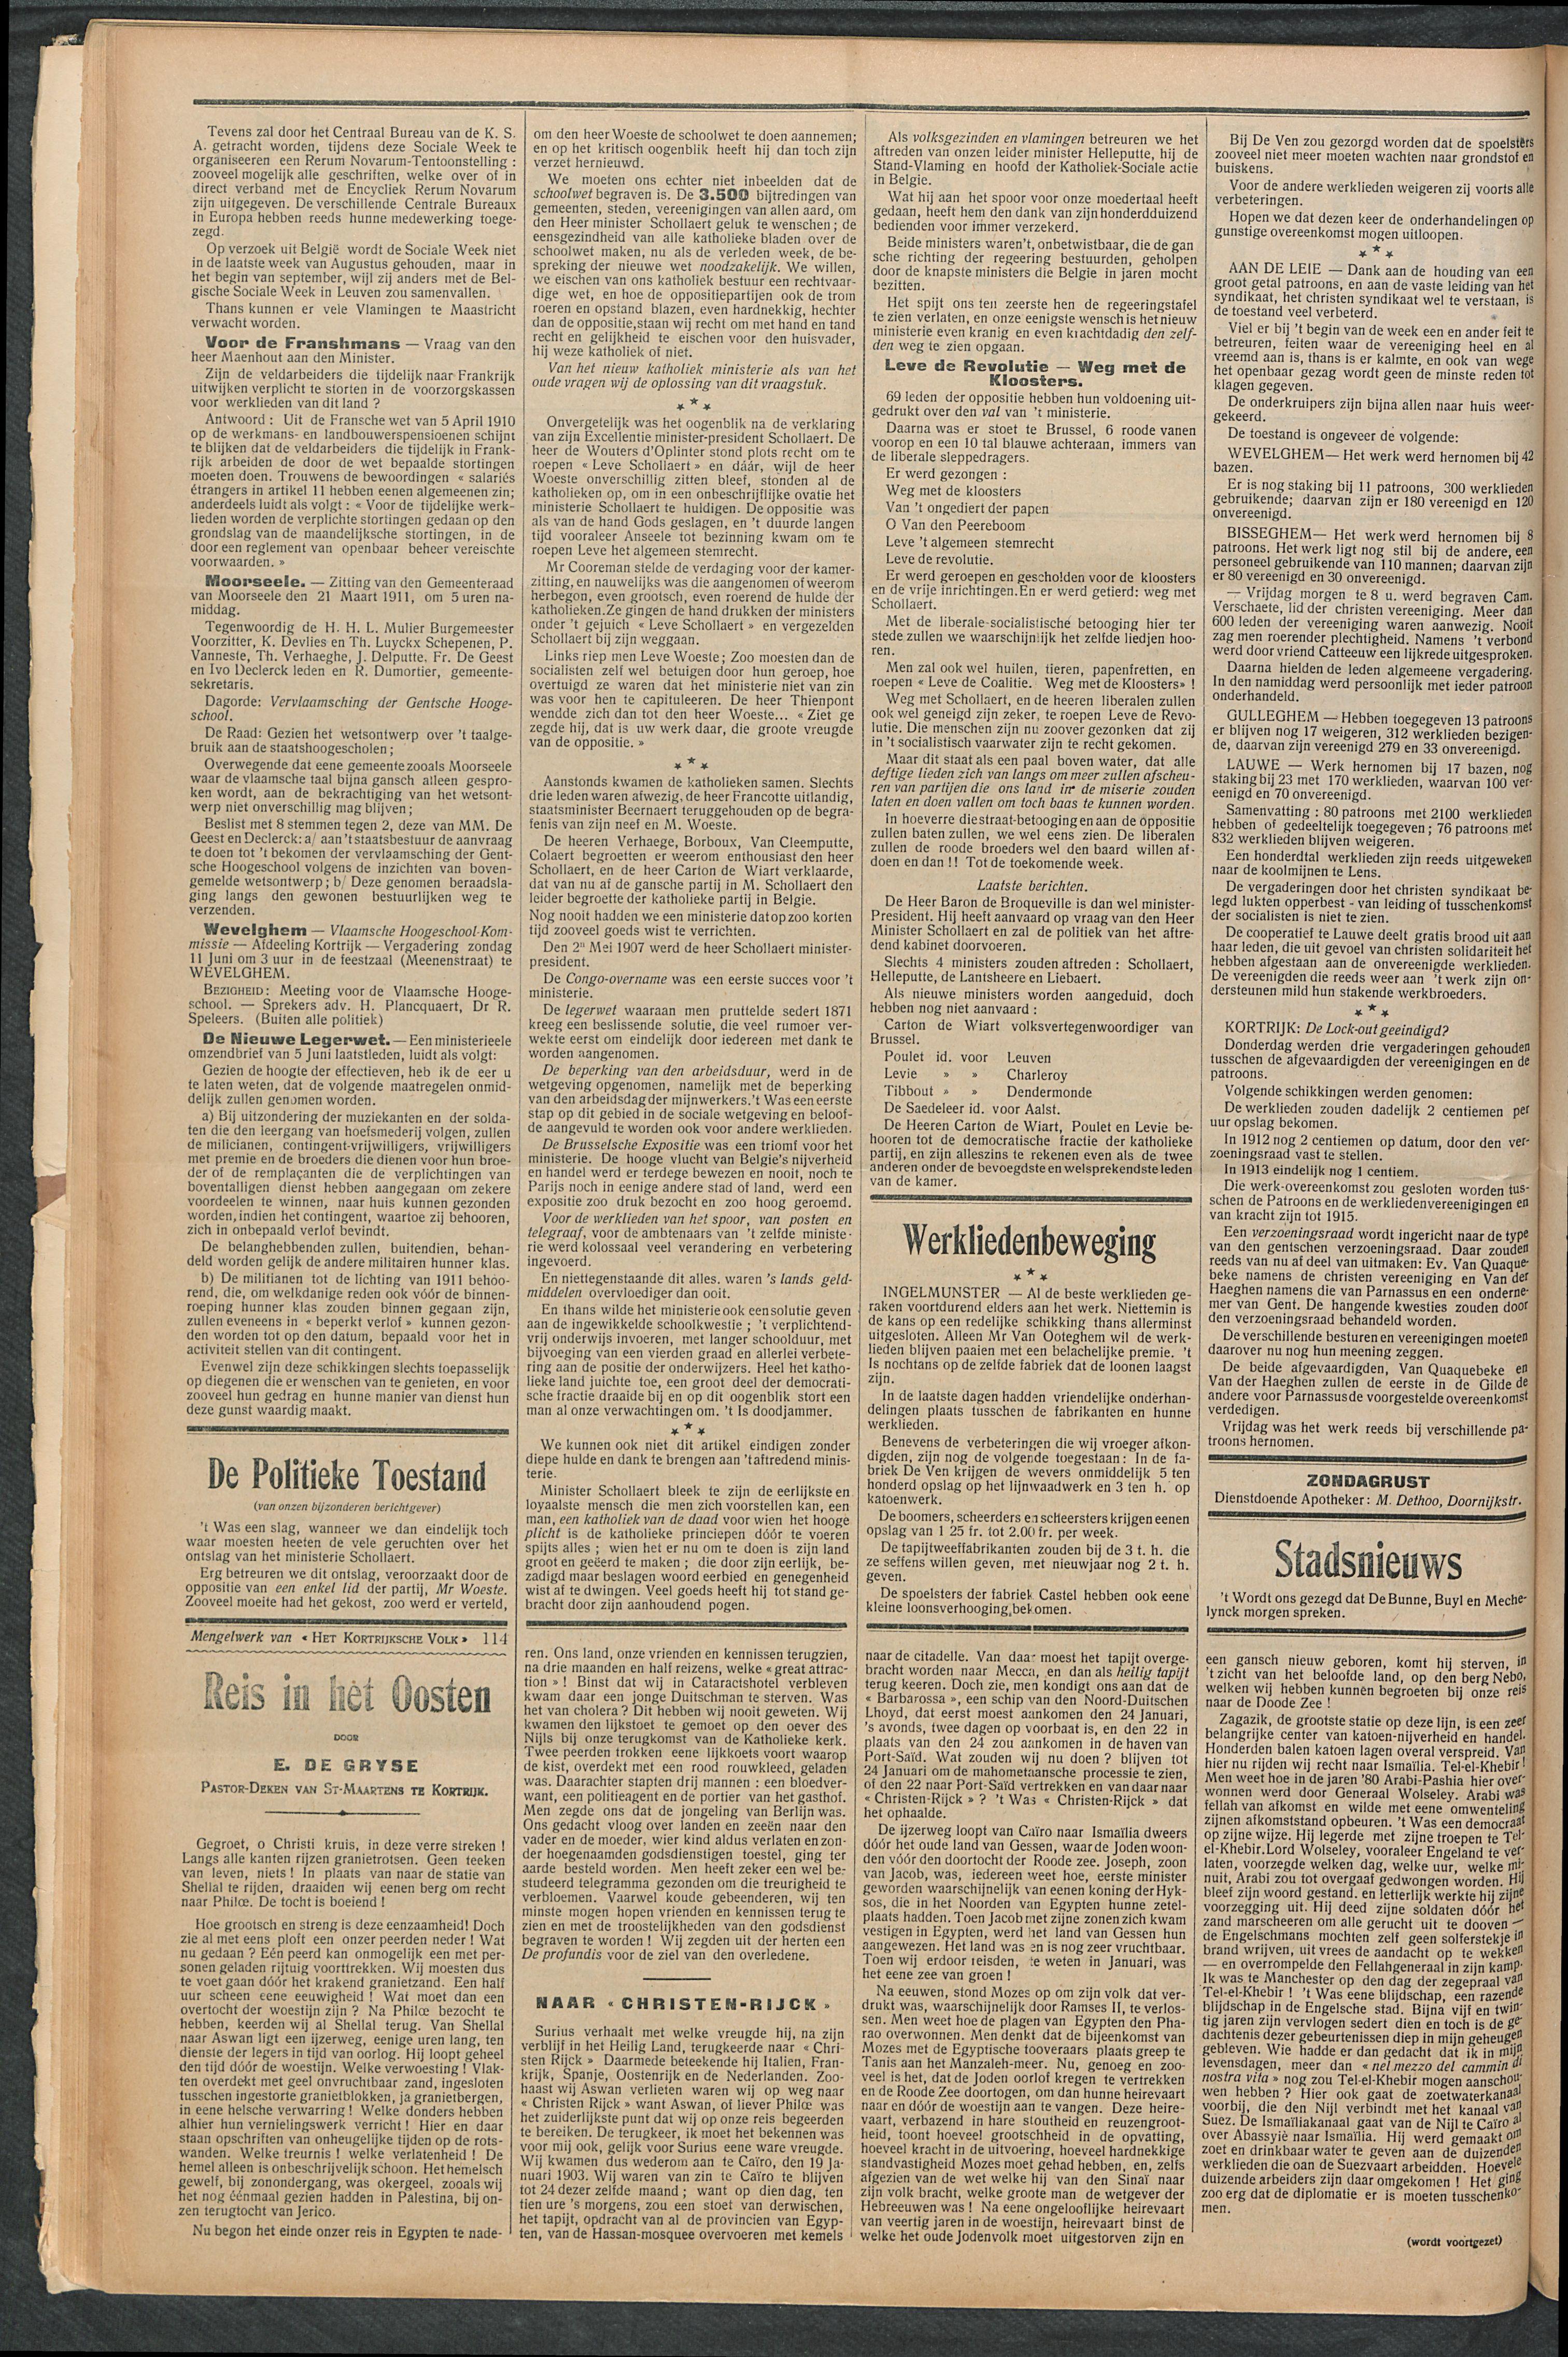 Het Kortrijksche Volk 1911-06-11 p2